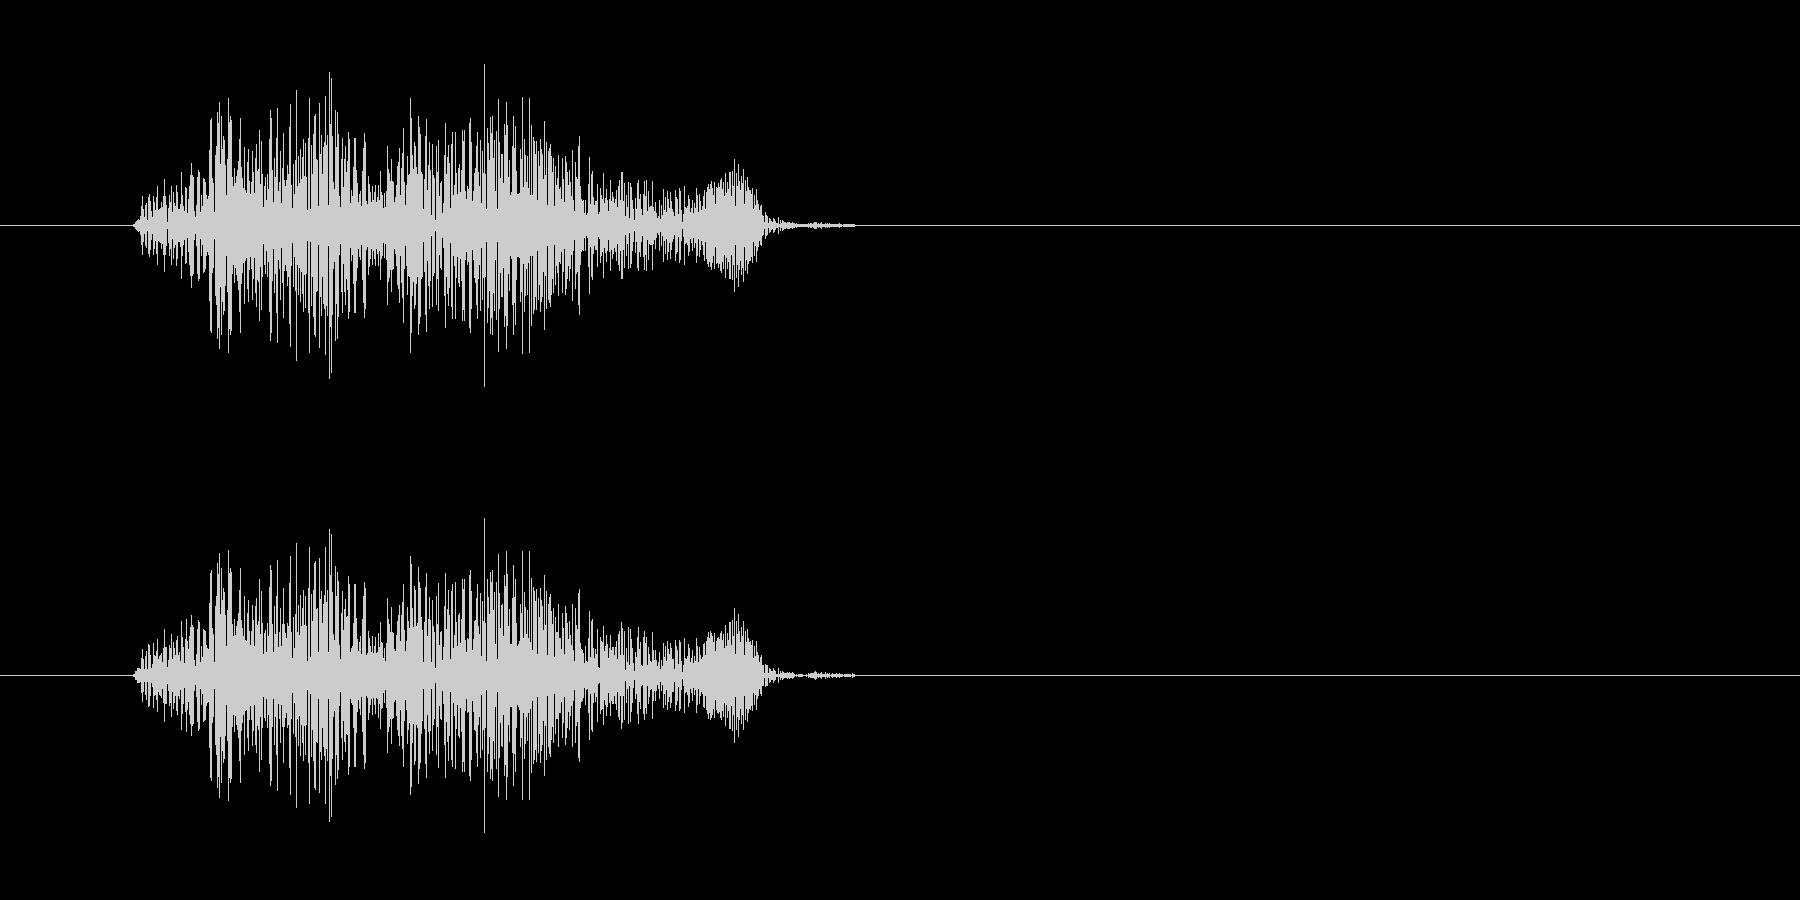 キュッという摩擦系の音の未再生の波形